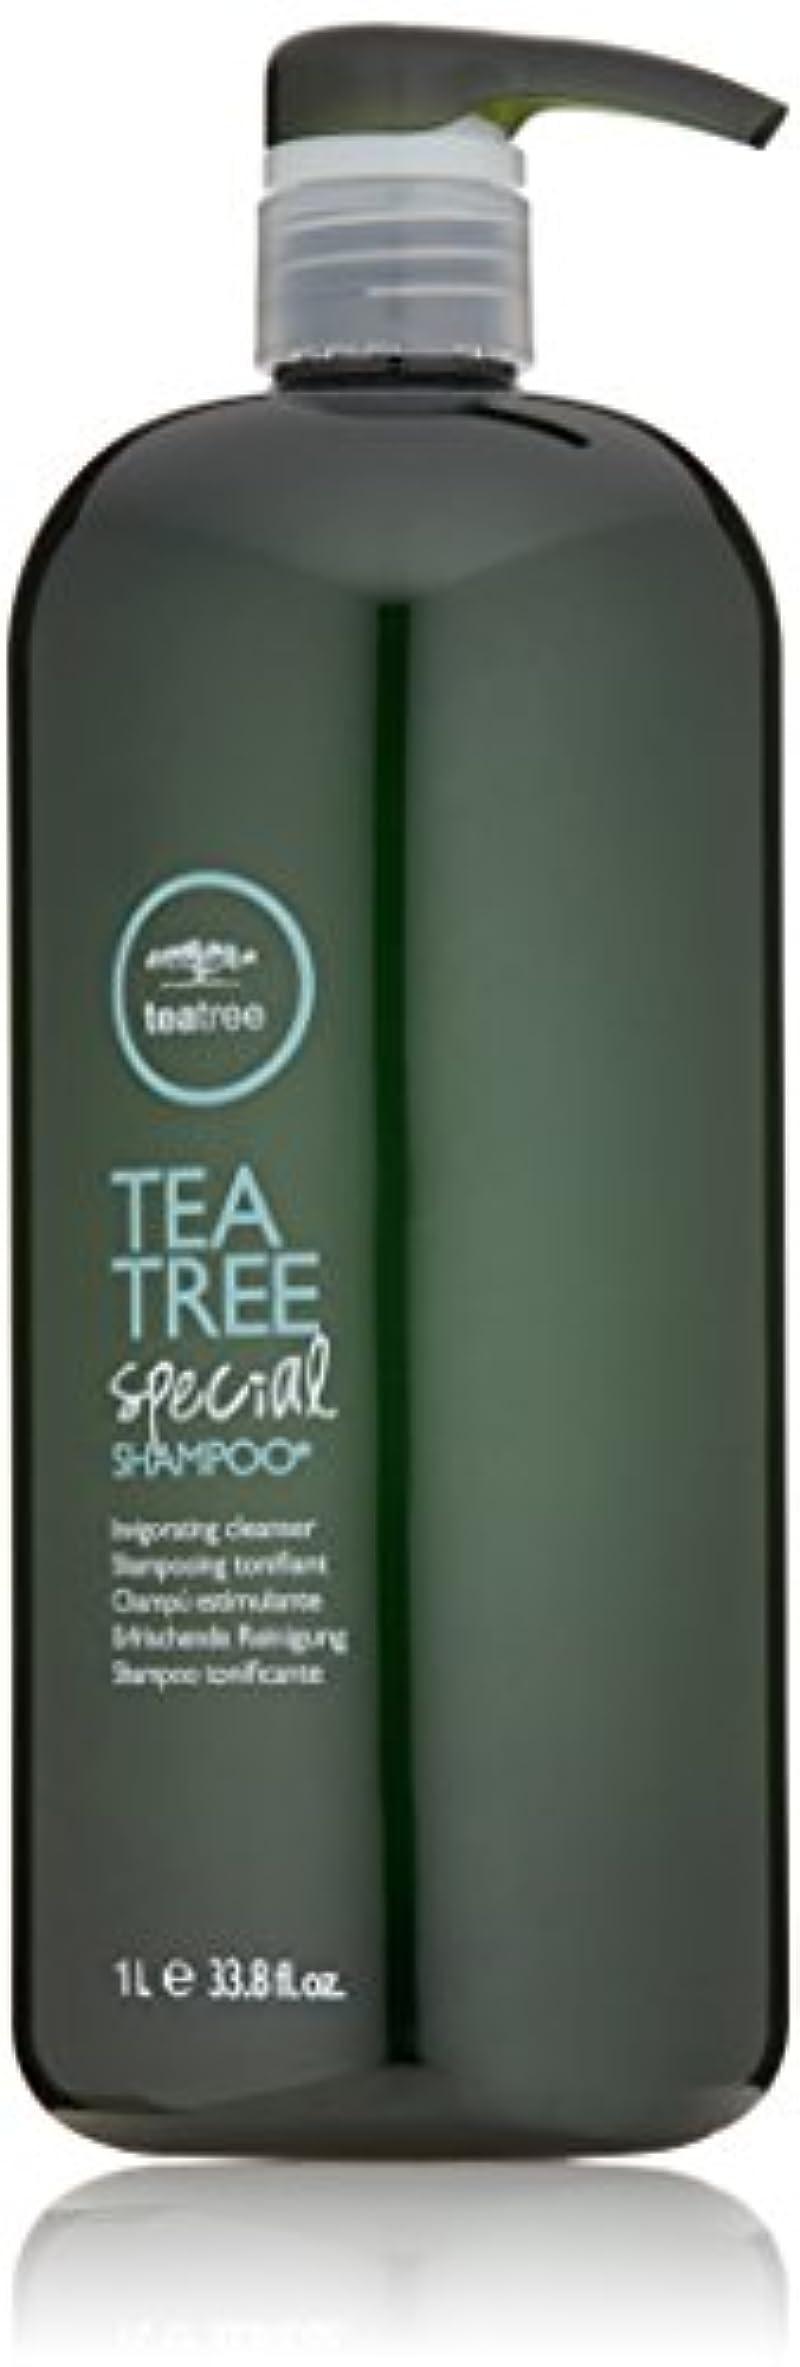 Tea Tree Special Shampoo, 33.8...